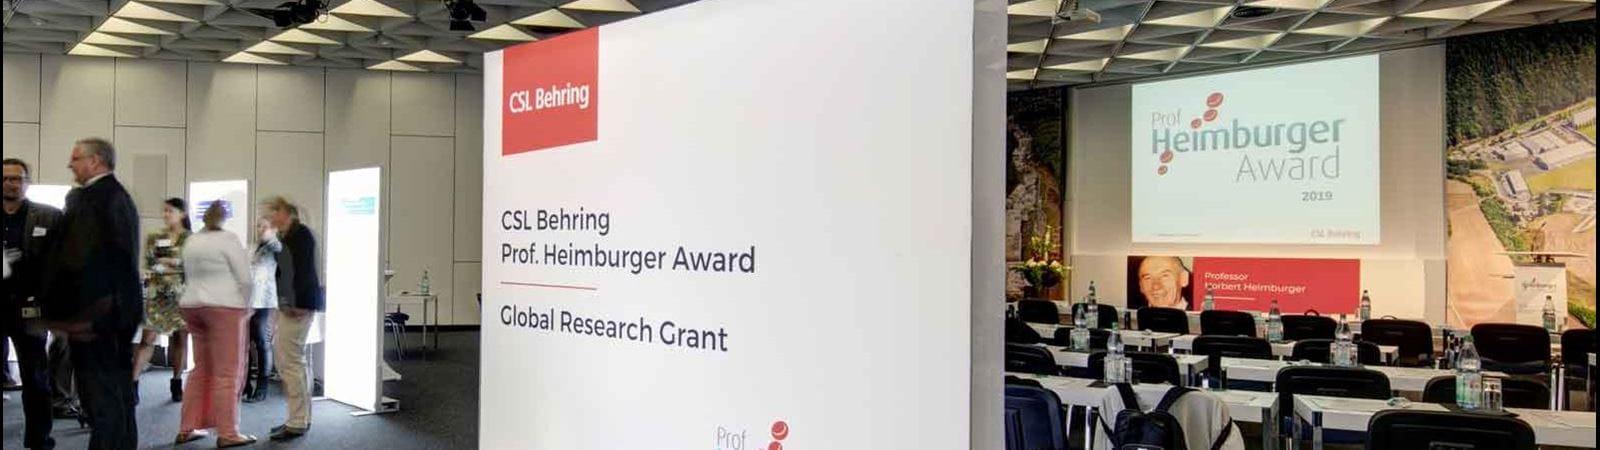 Professor Heimburger Award